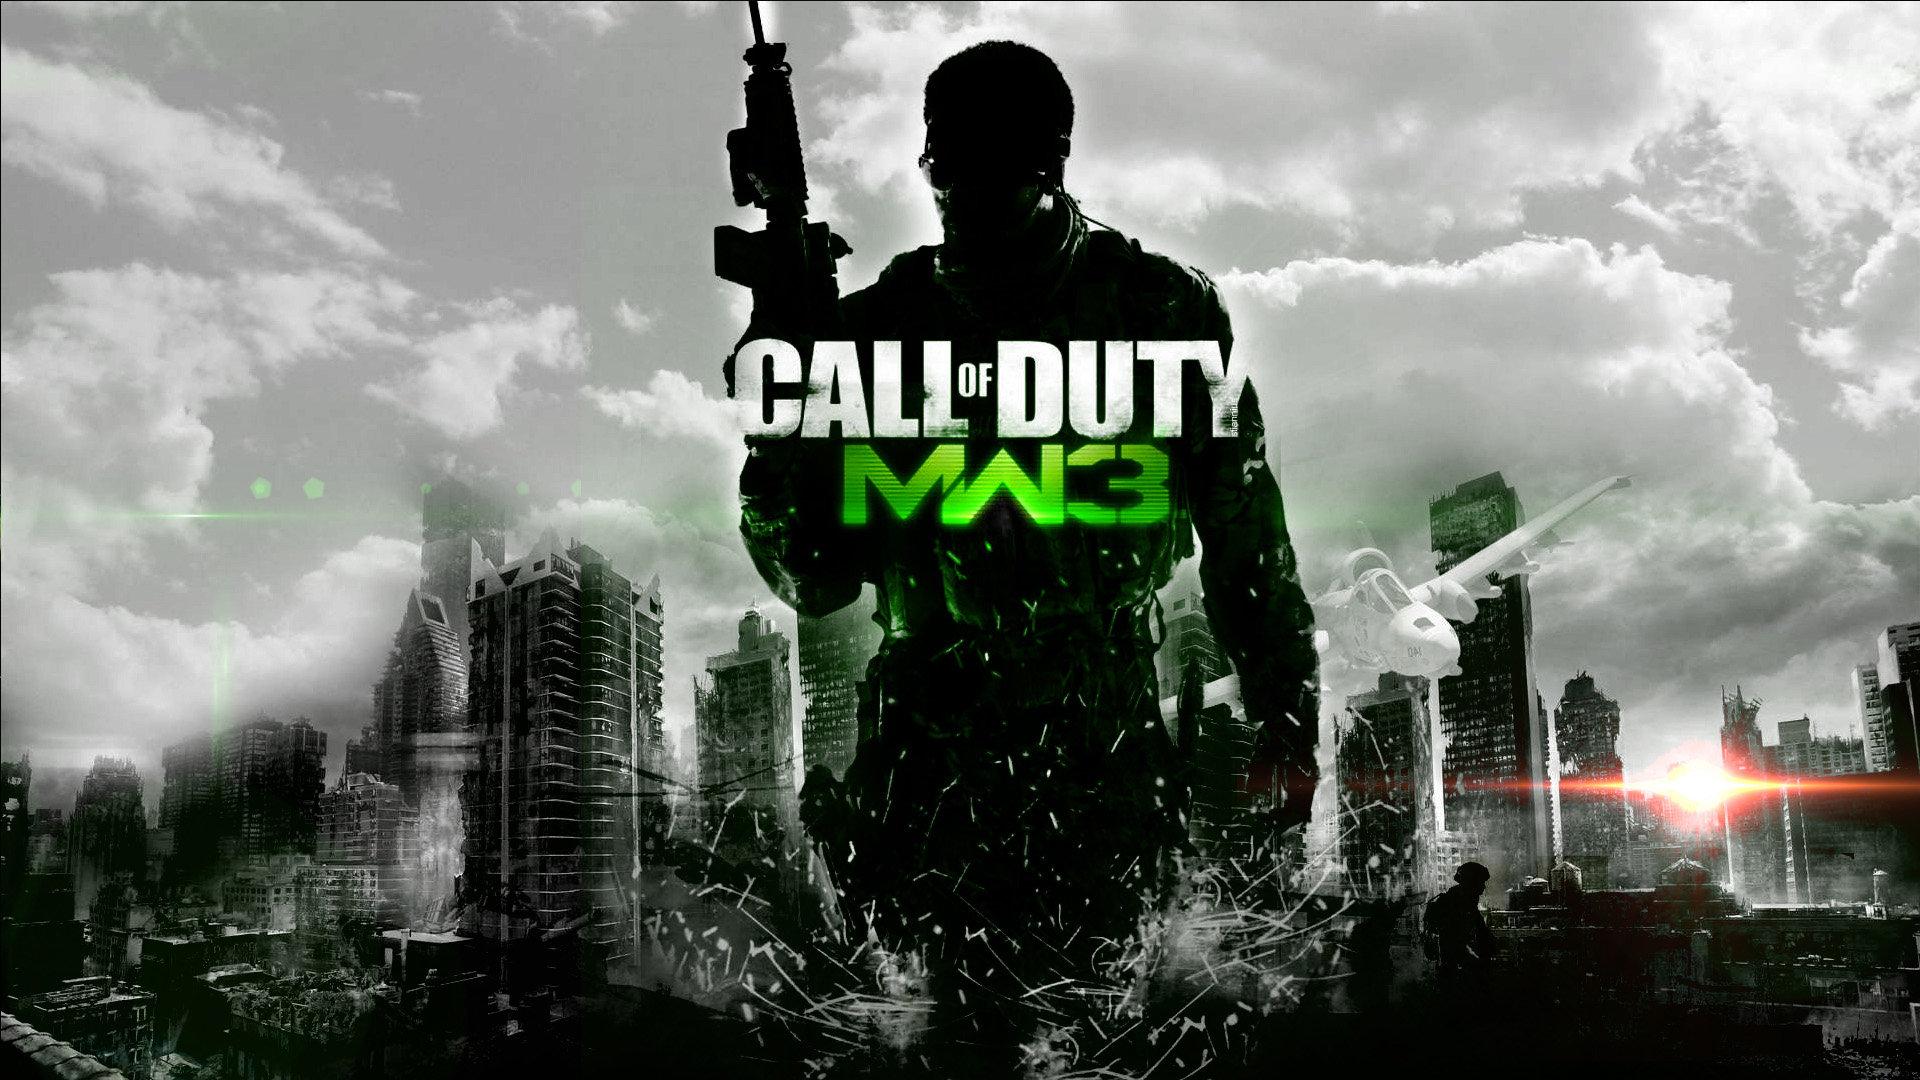 Call Of Duty Modern Warfare 3 Mw3 Wallpapers Hd For Desktop